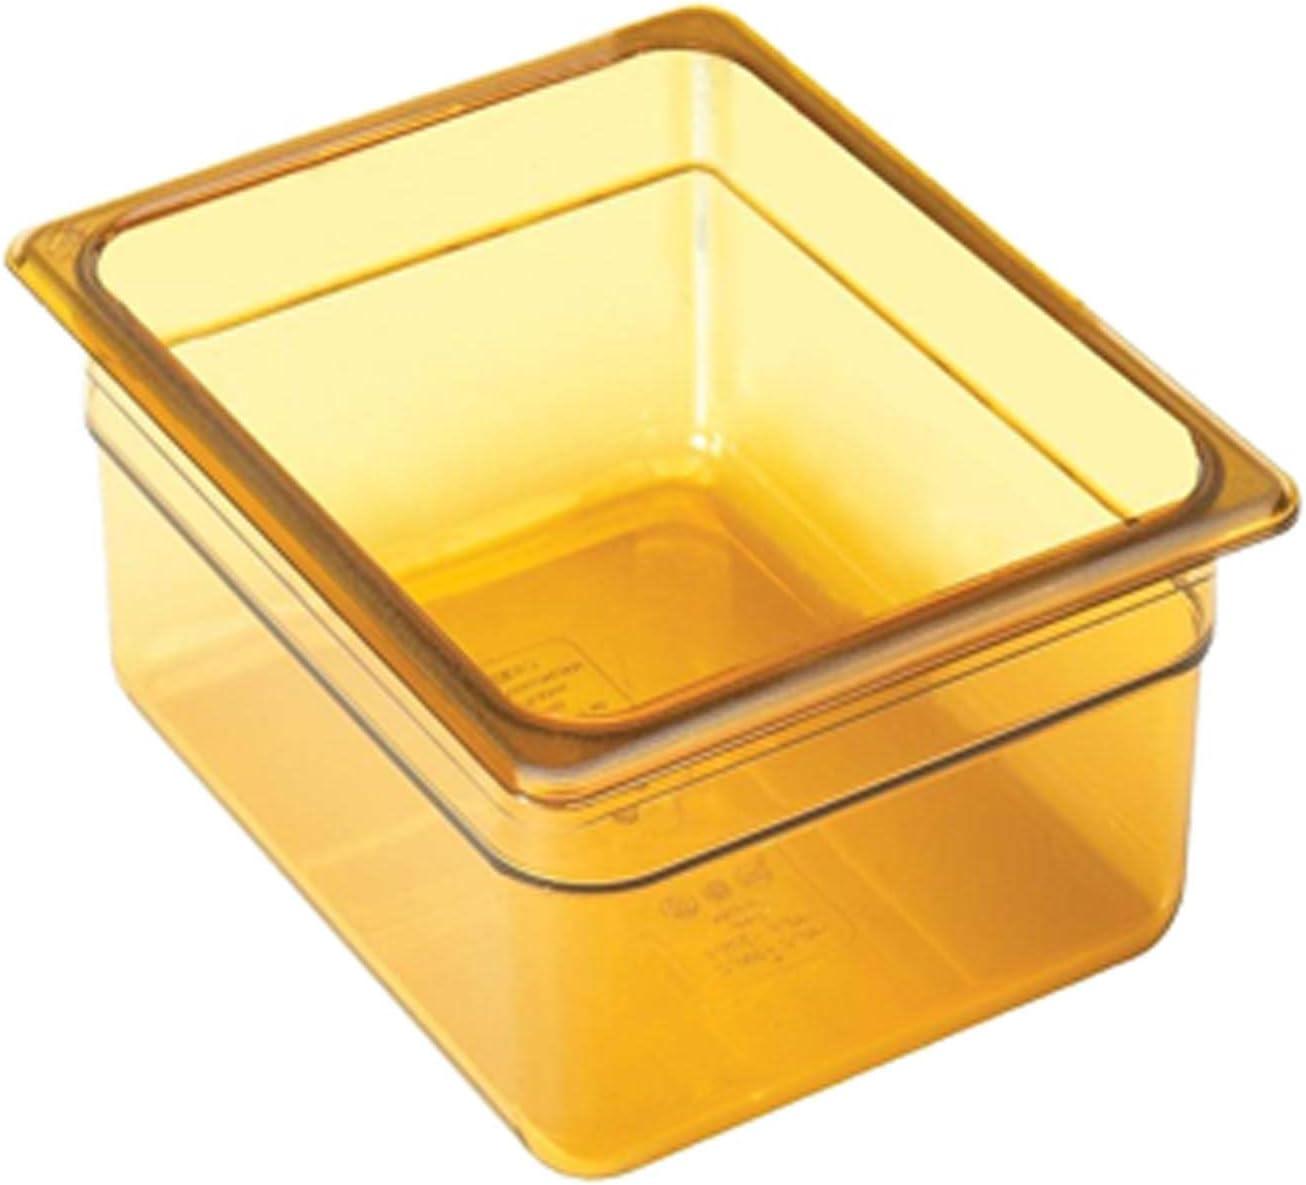 Cambro 26HP150 H-Pan 1/2 Size High Heat Food Pan, Amber, 6